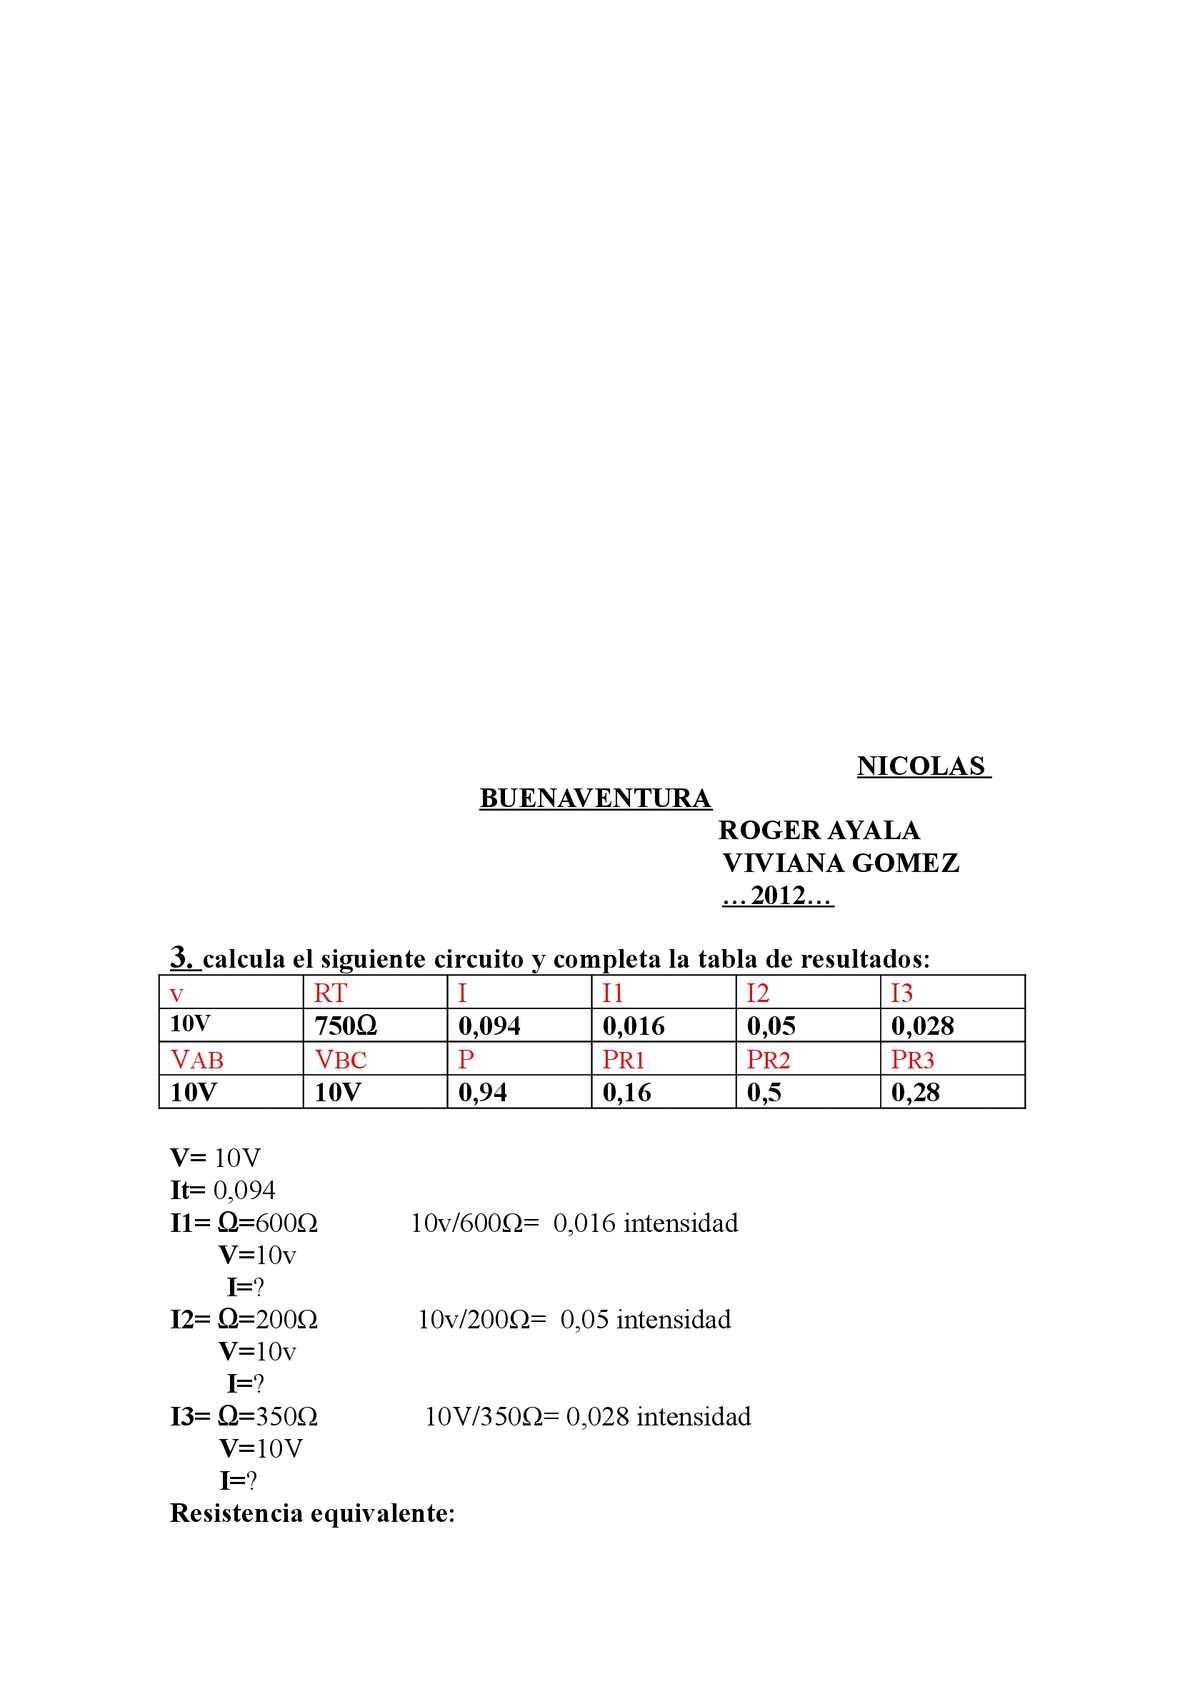 Circuito Seri E Paralelo : Ejercicios de circuito serie paralelo y mixto calameo downloader